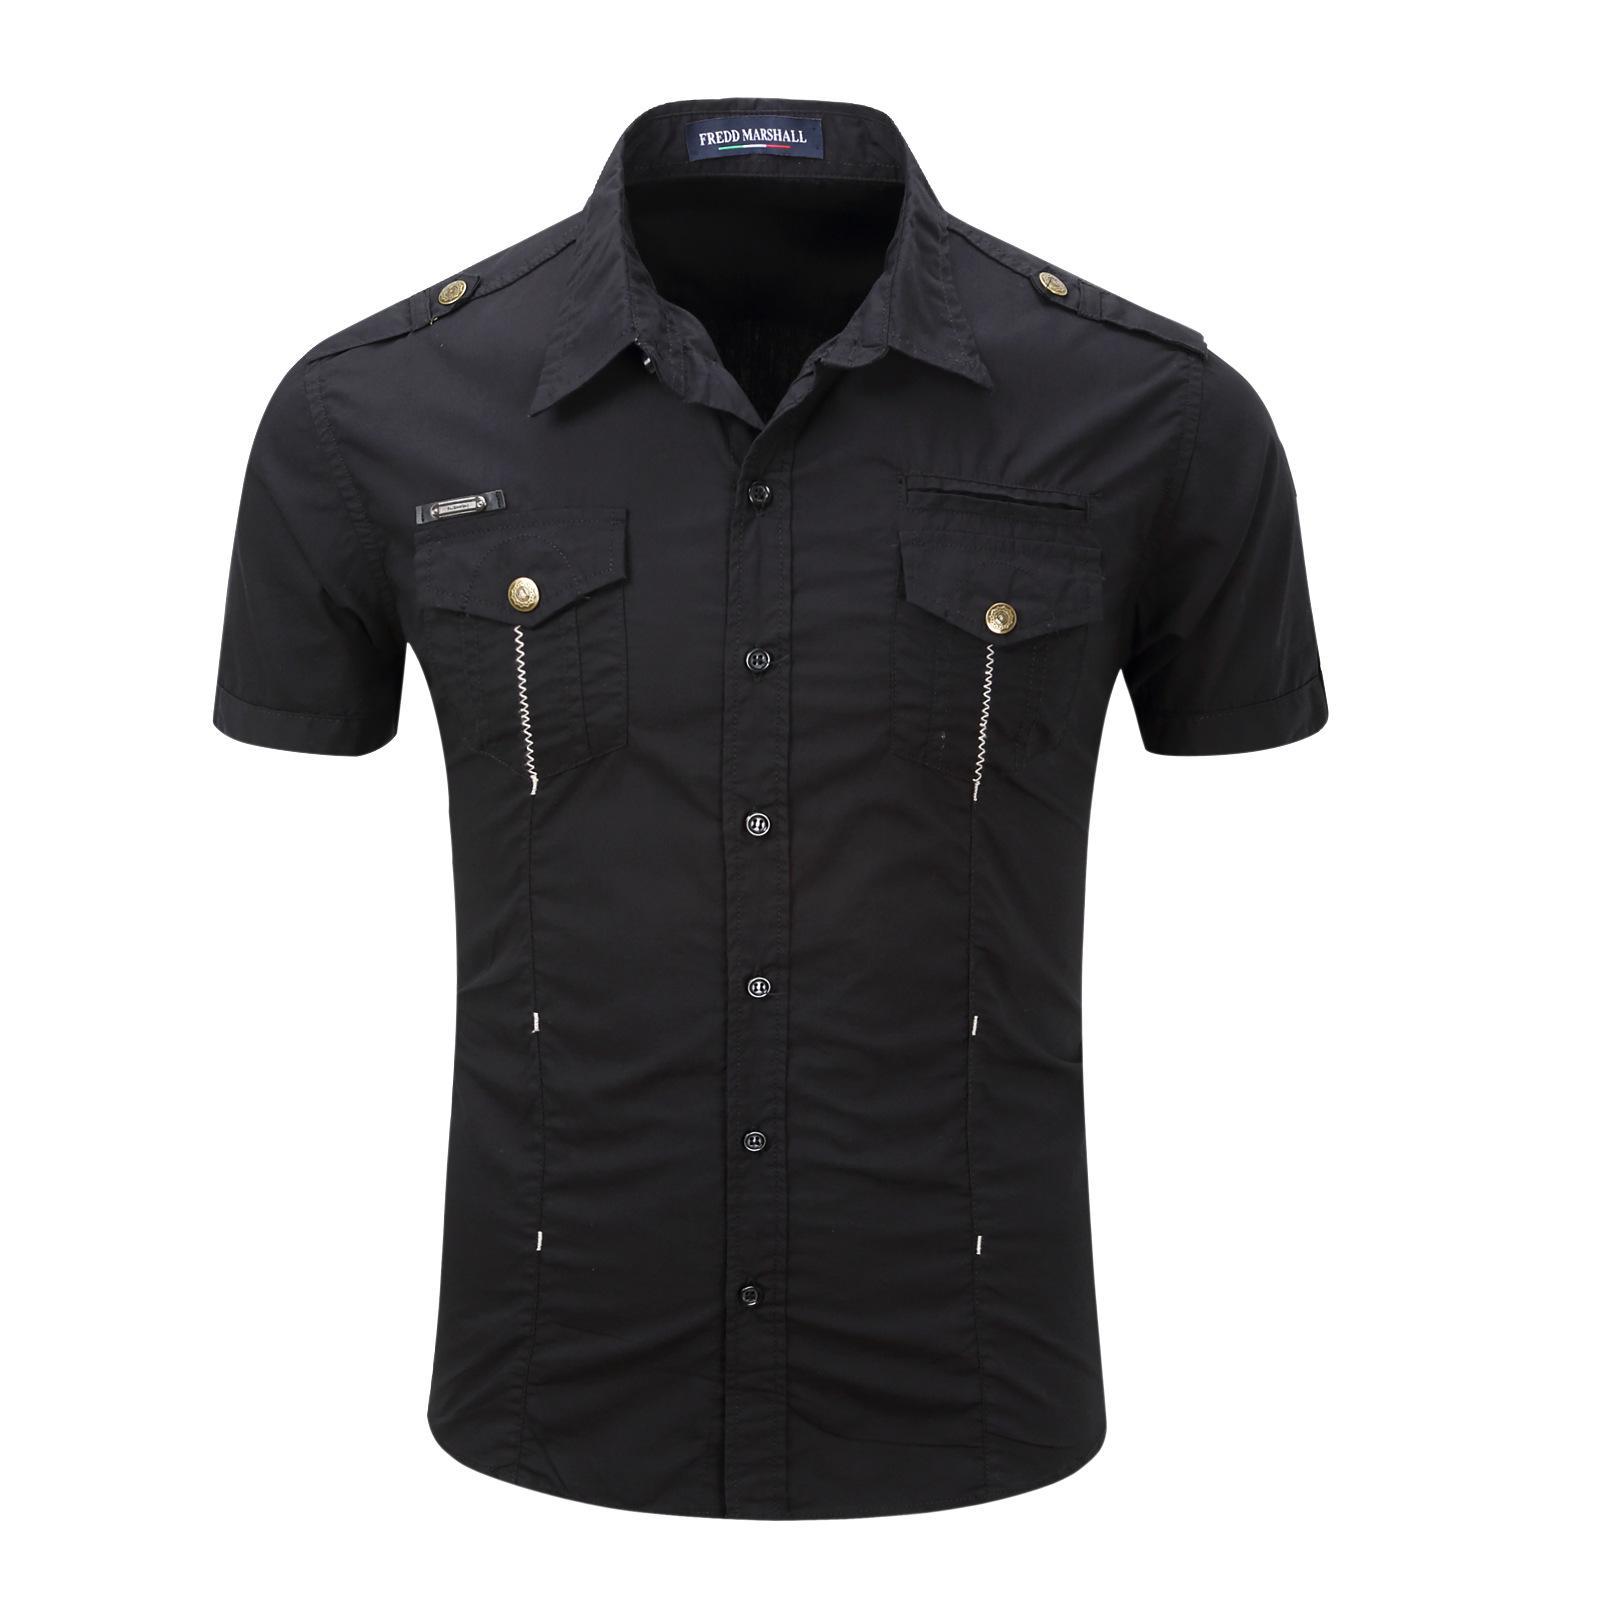 ارتفاع نوعية الرجال قصيرة الأكمام تي شيرت العسكري الموحد قميص في الهواء الطلق الرجال عادية 100٪ قطن بلوزة أبلى